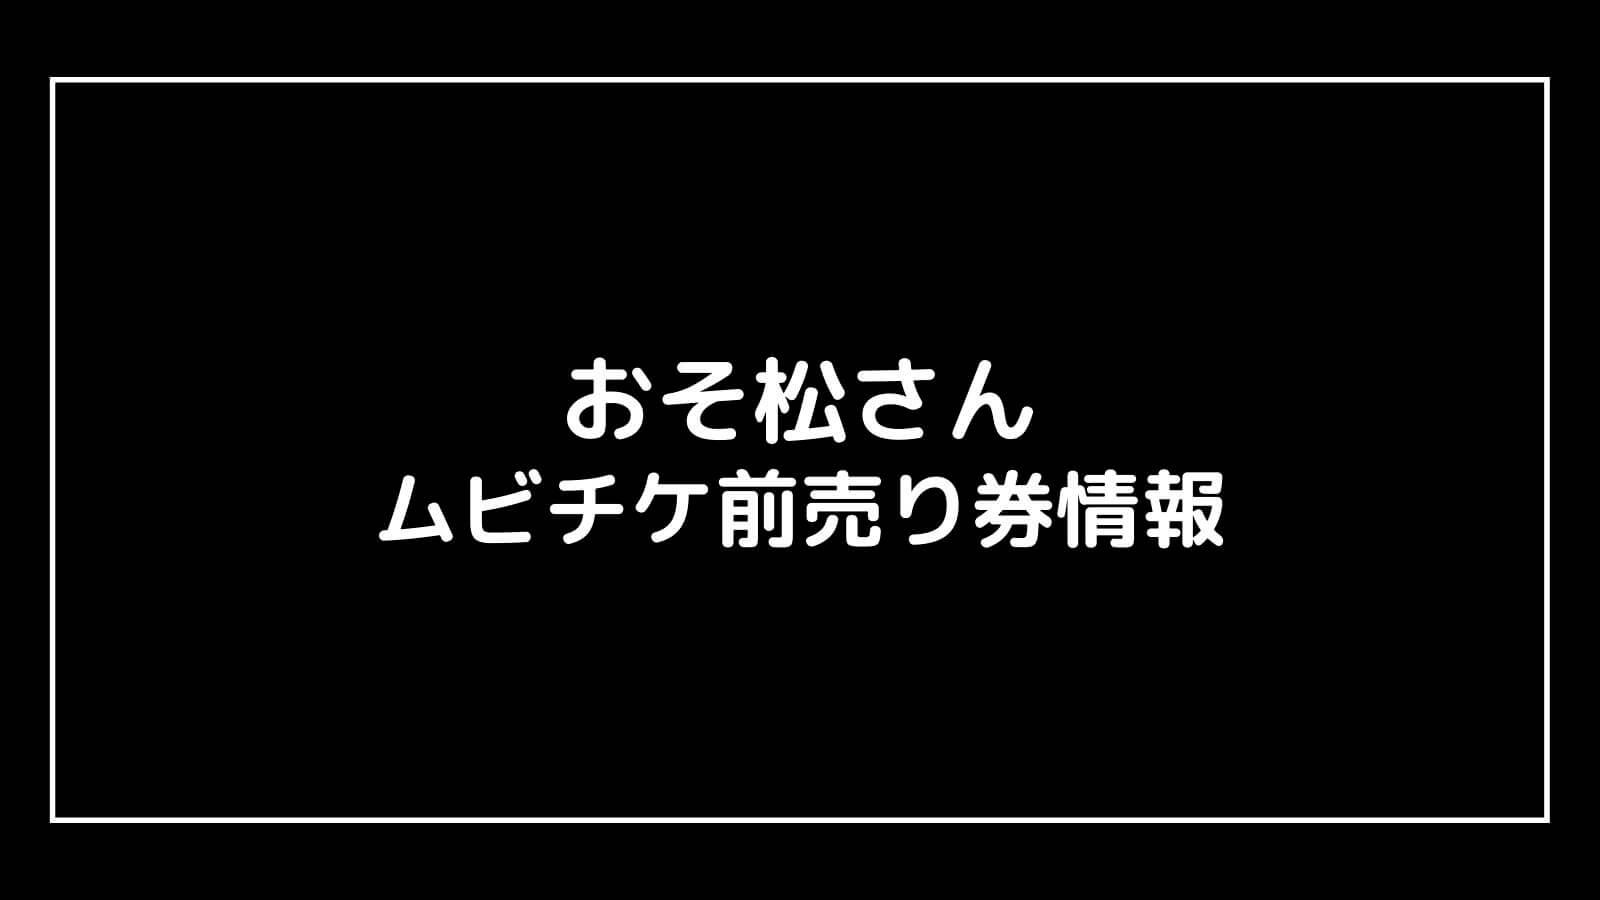 映画『おそ松さん(Snow Man主演)』特典付きムビチケ前売り券の情報まとめ